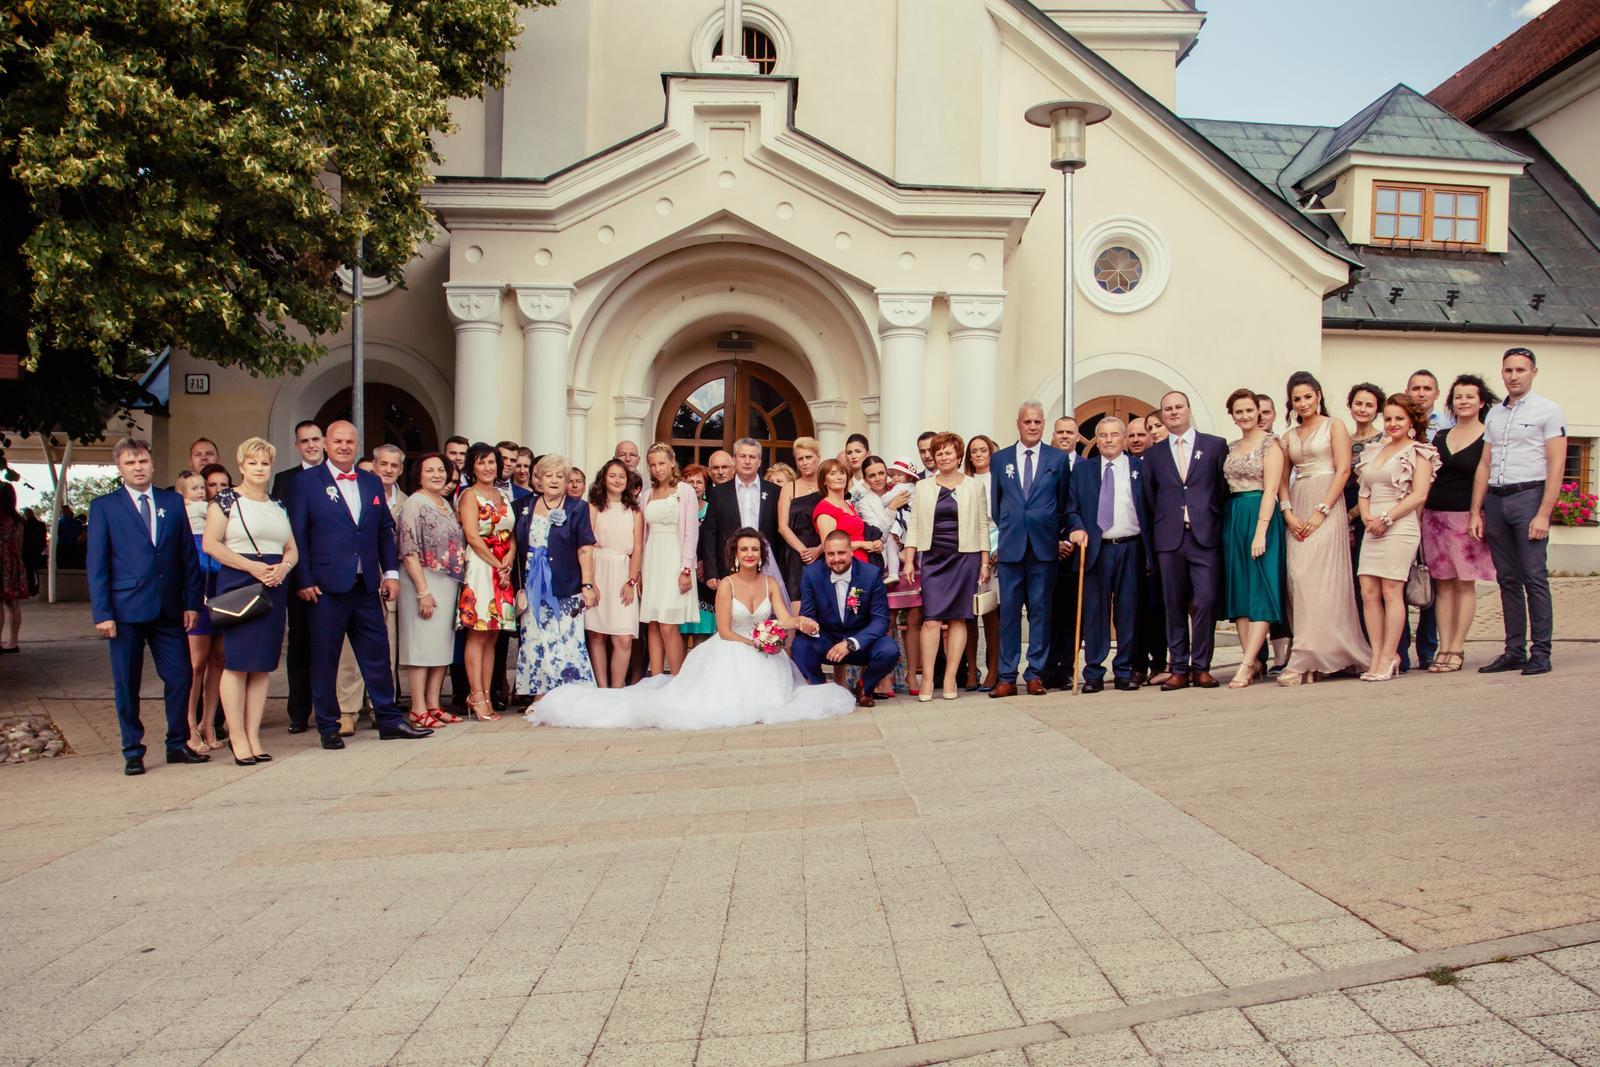 Naša svadba 1.7.2017 - Obrázok č. 24